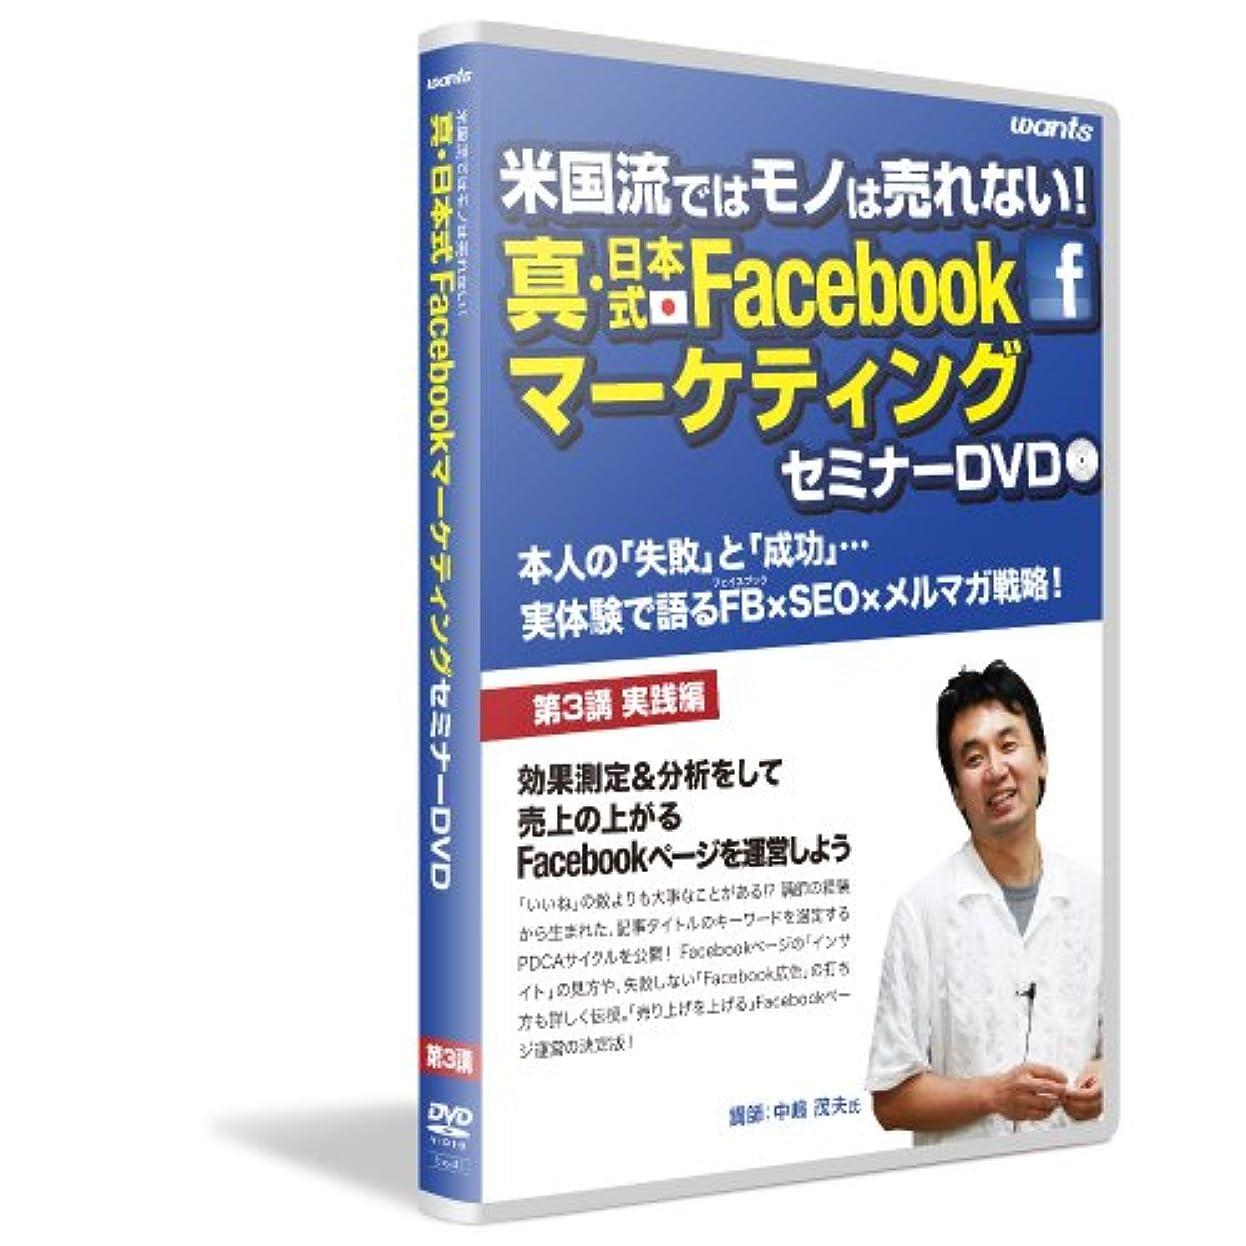 雑多な作家繕う真?日本式facebookマーケティングセミナー :DVD講座 第3講「効果測定&分析をして売上の上がるFacebookページを運営しよう!  」